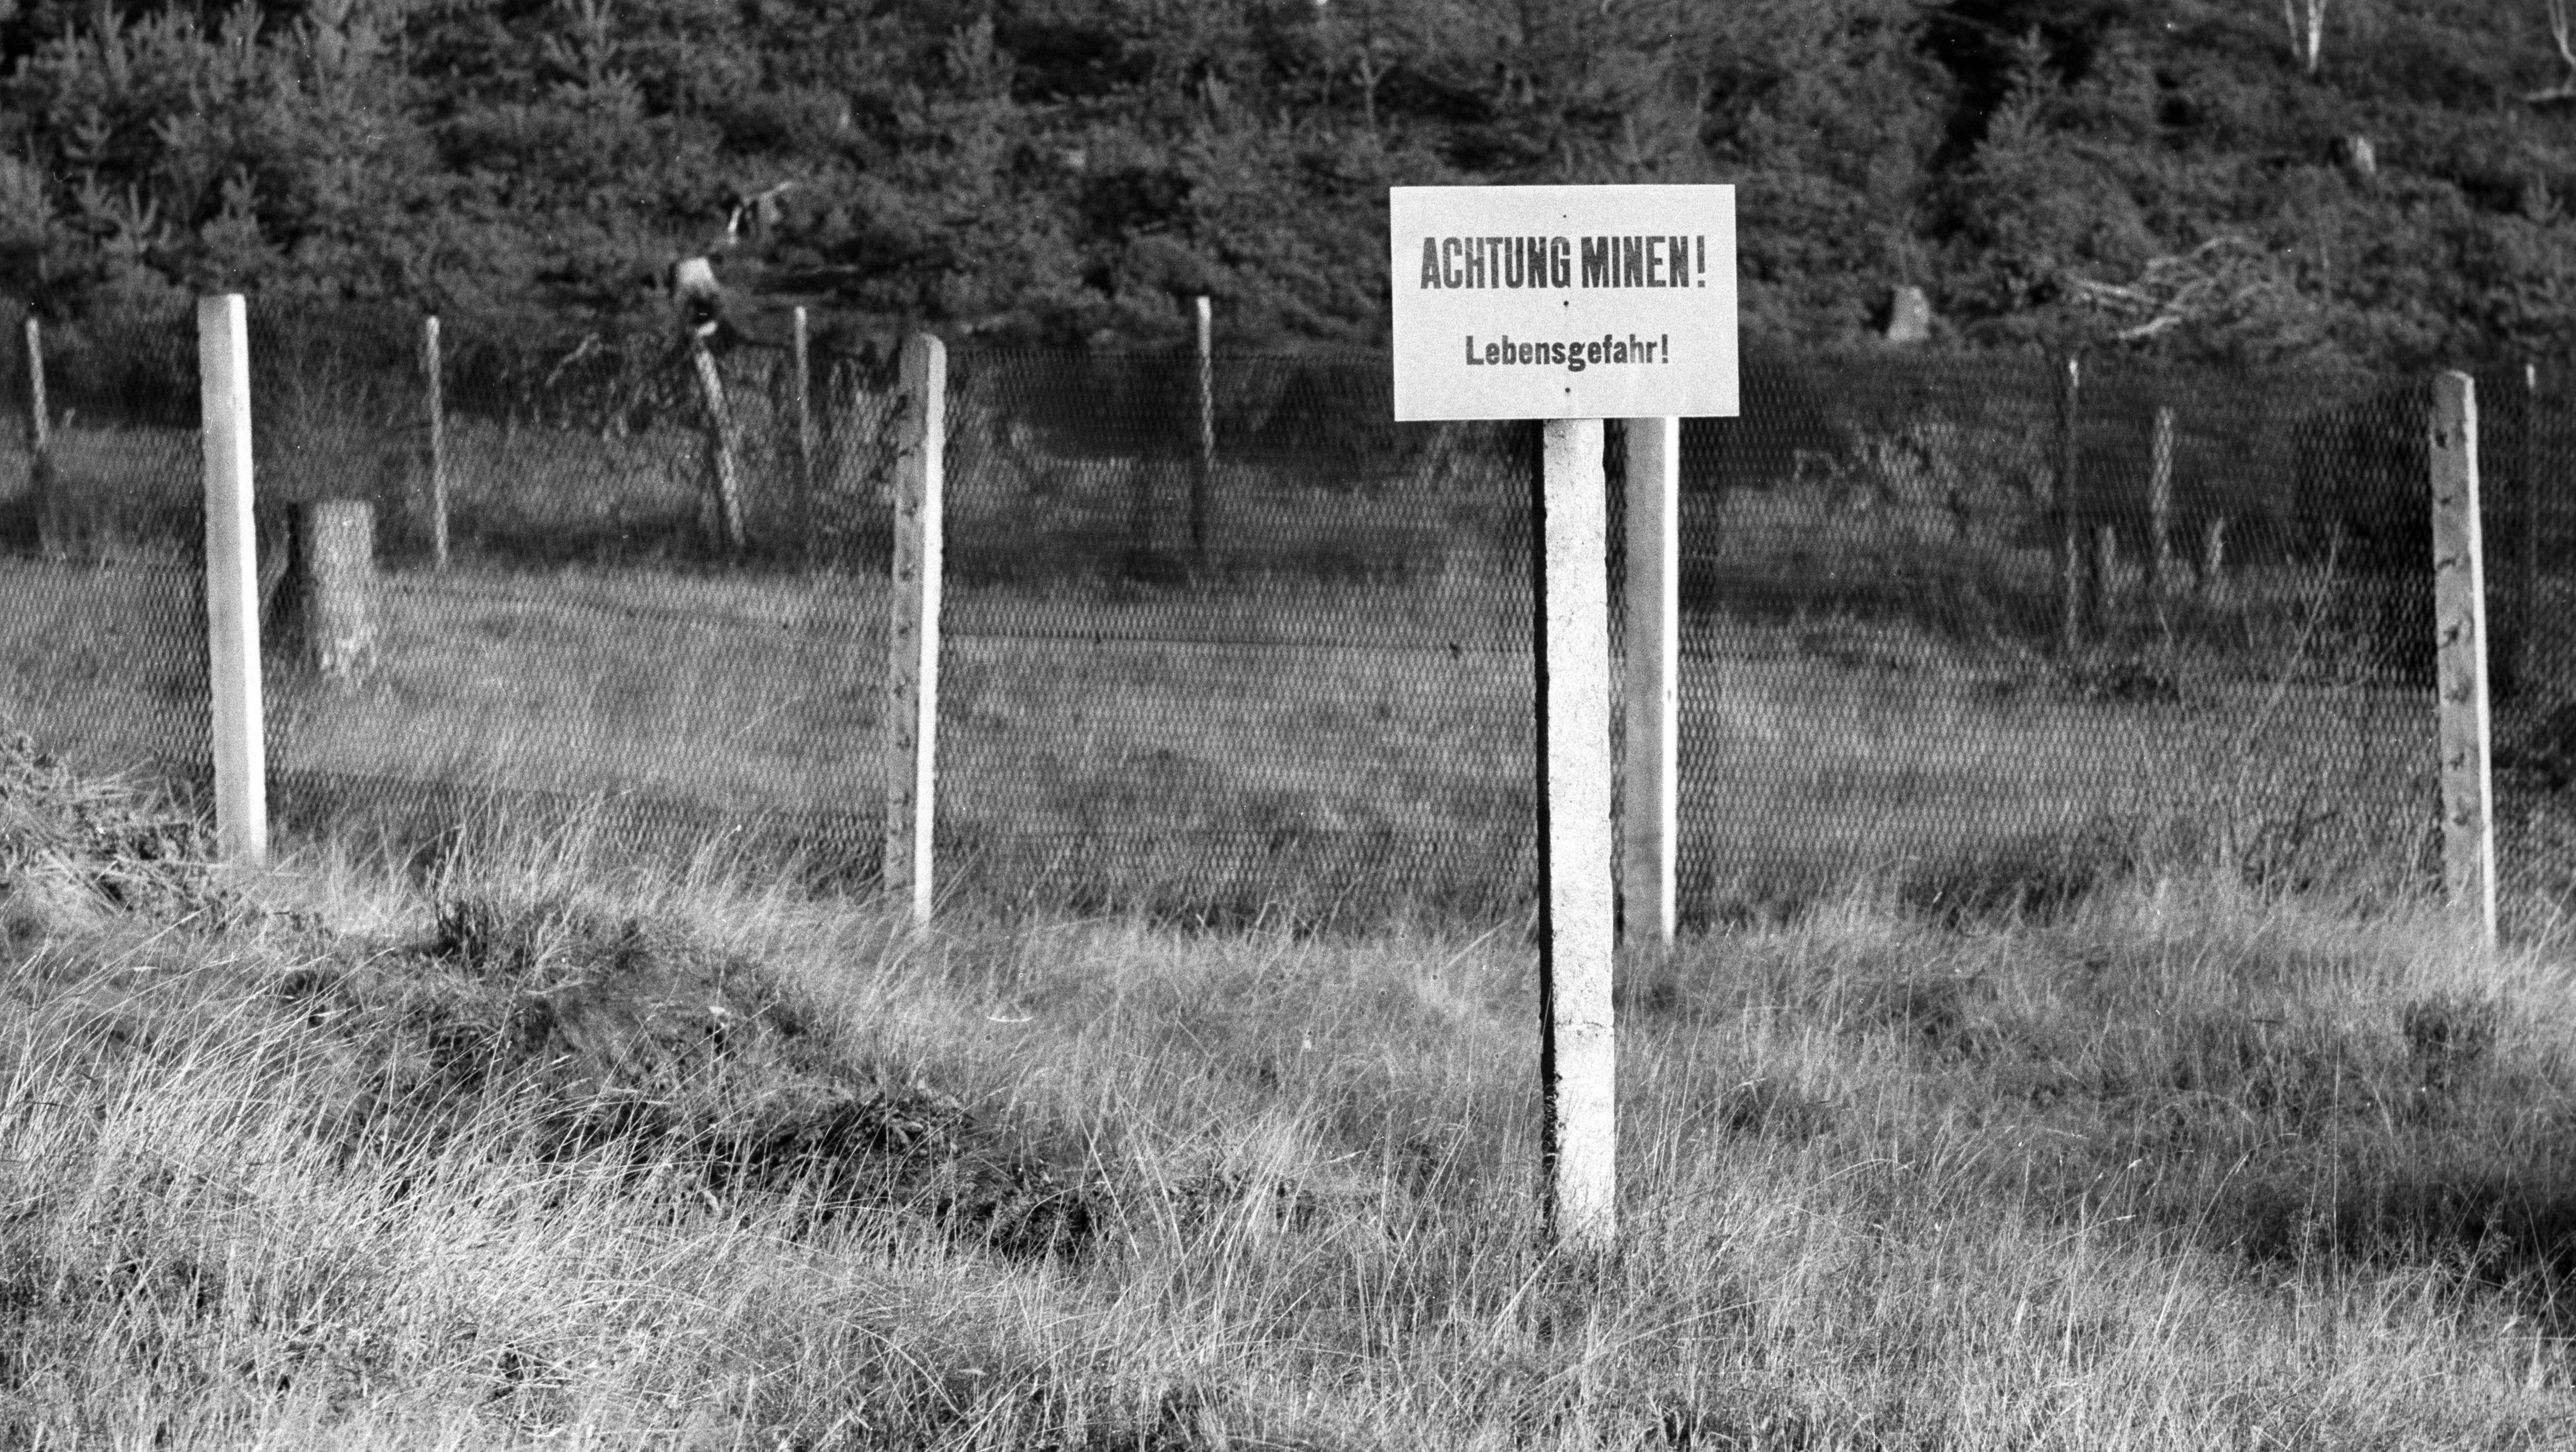 Minenfeld an der DDR-Grenze (Aufnahme aus dem Jahr 1968)